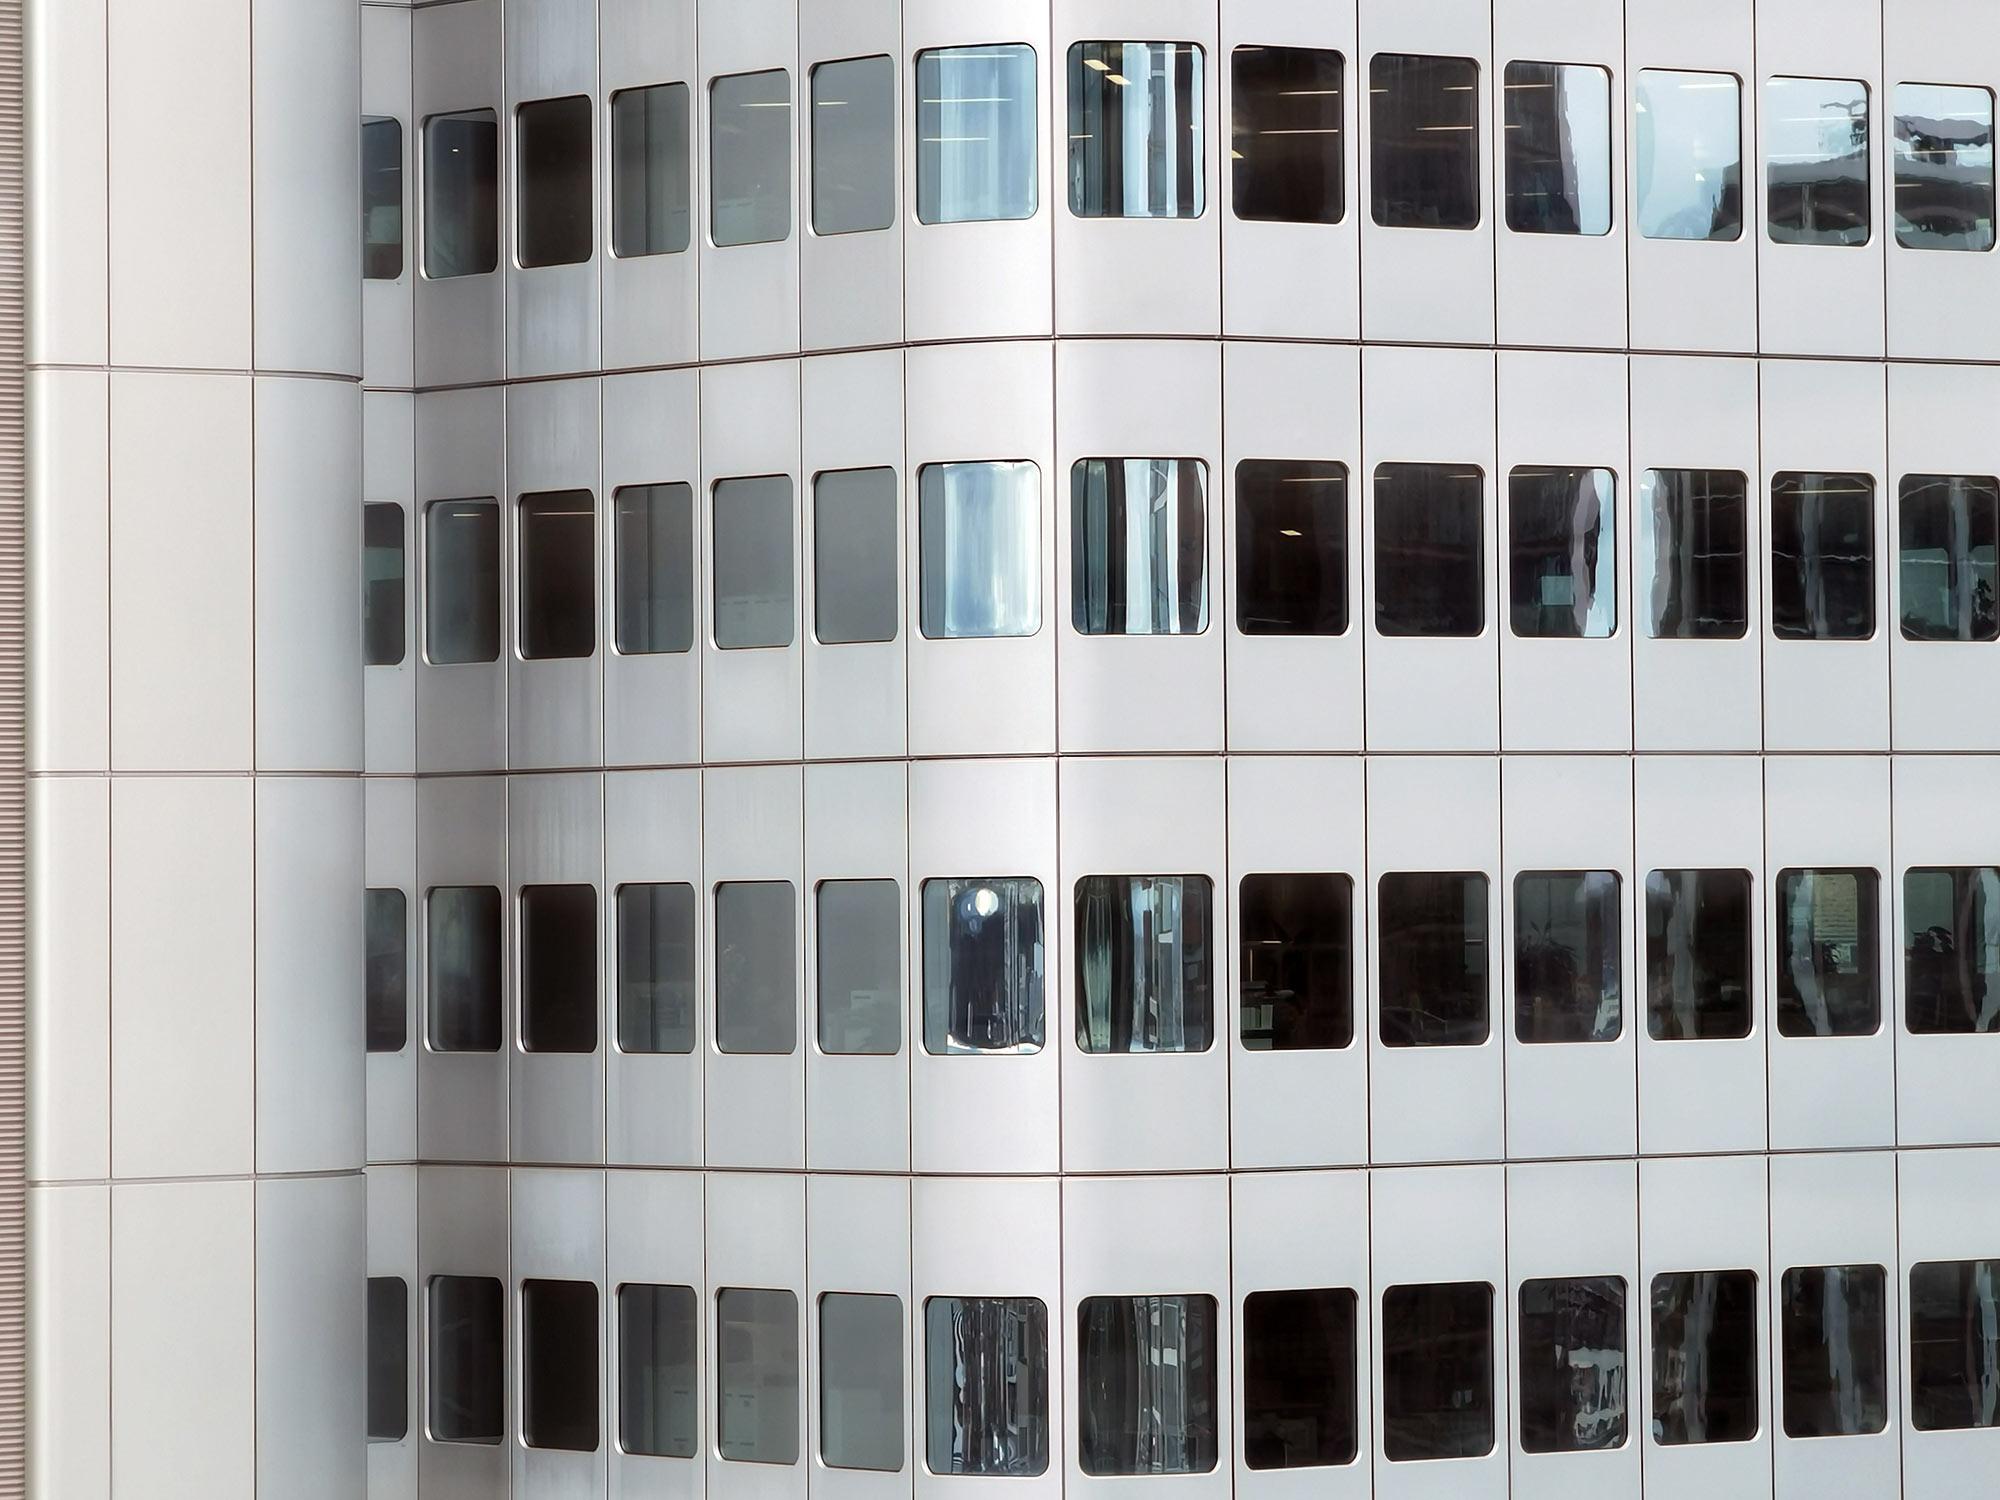 Silver Tower Frankfurt am Main - Deutsche Bahn Frankfurt - Turm mit silberner Fassade - Fenster